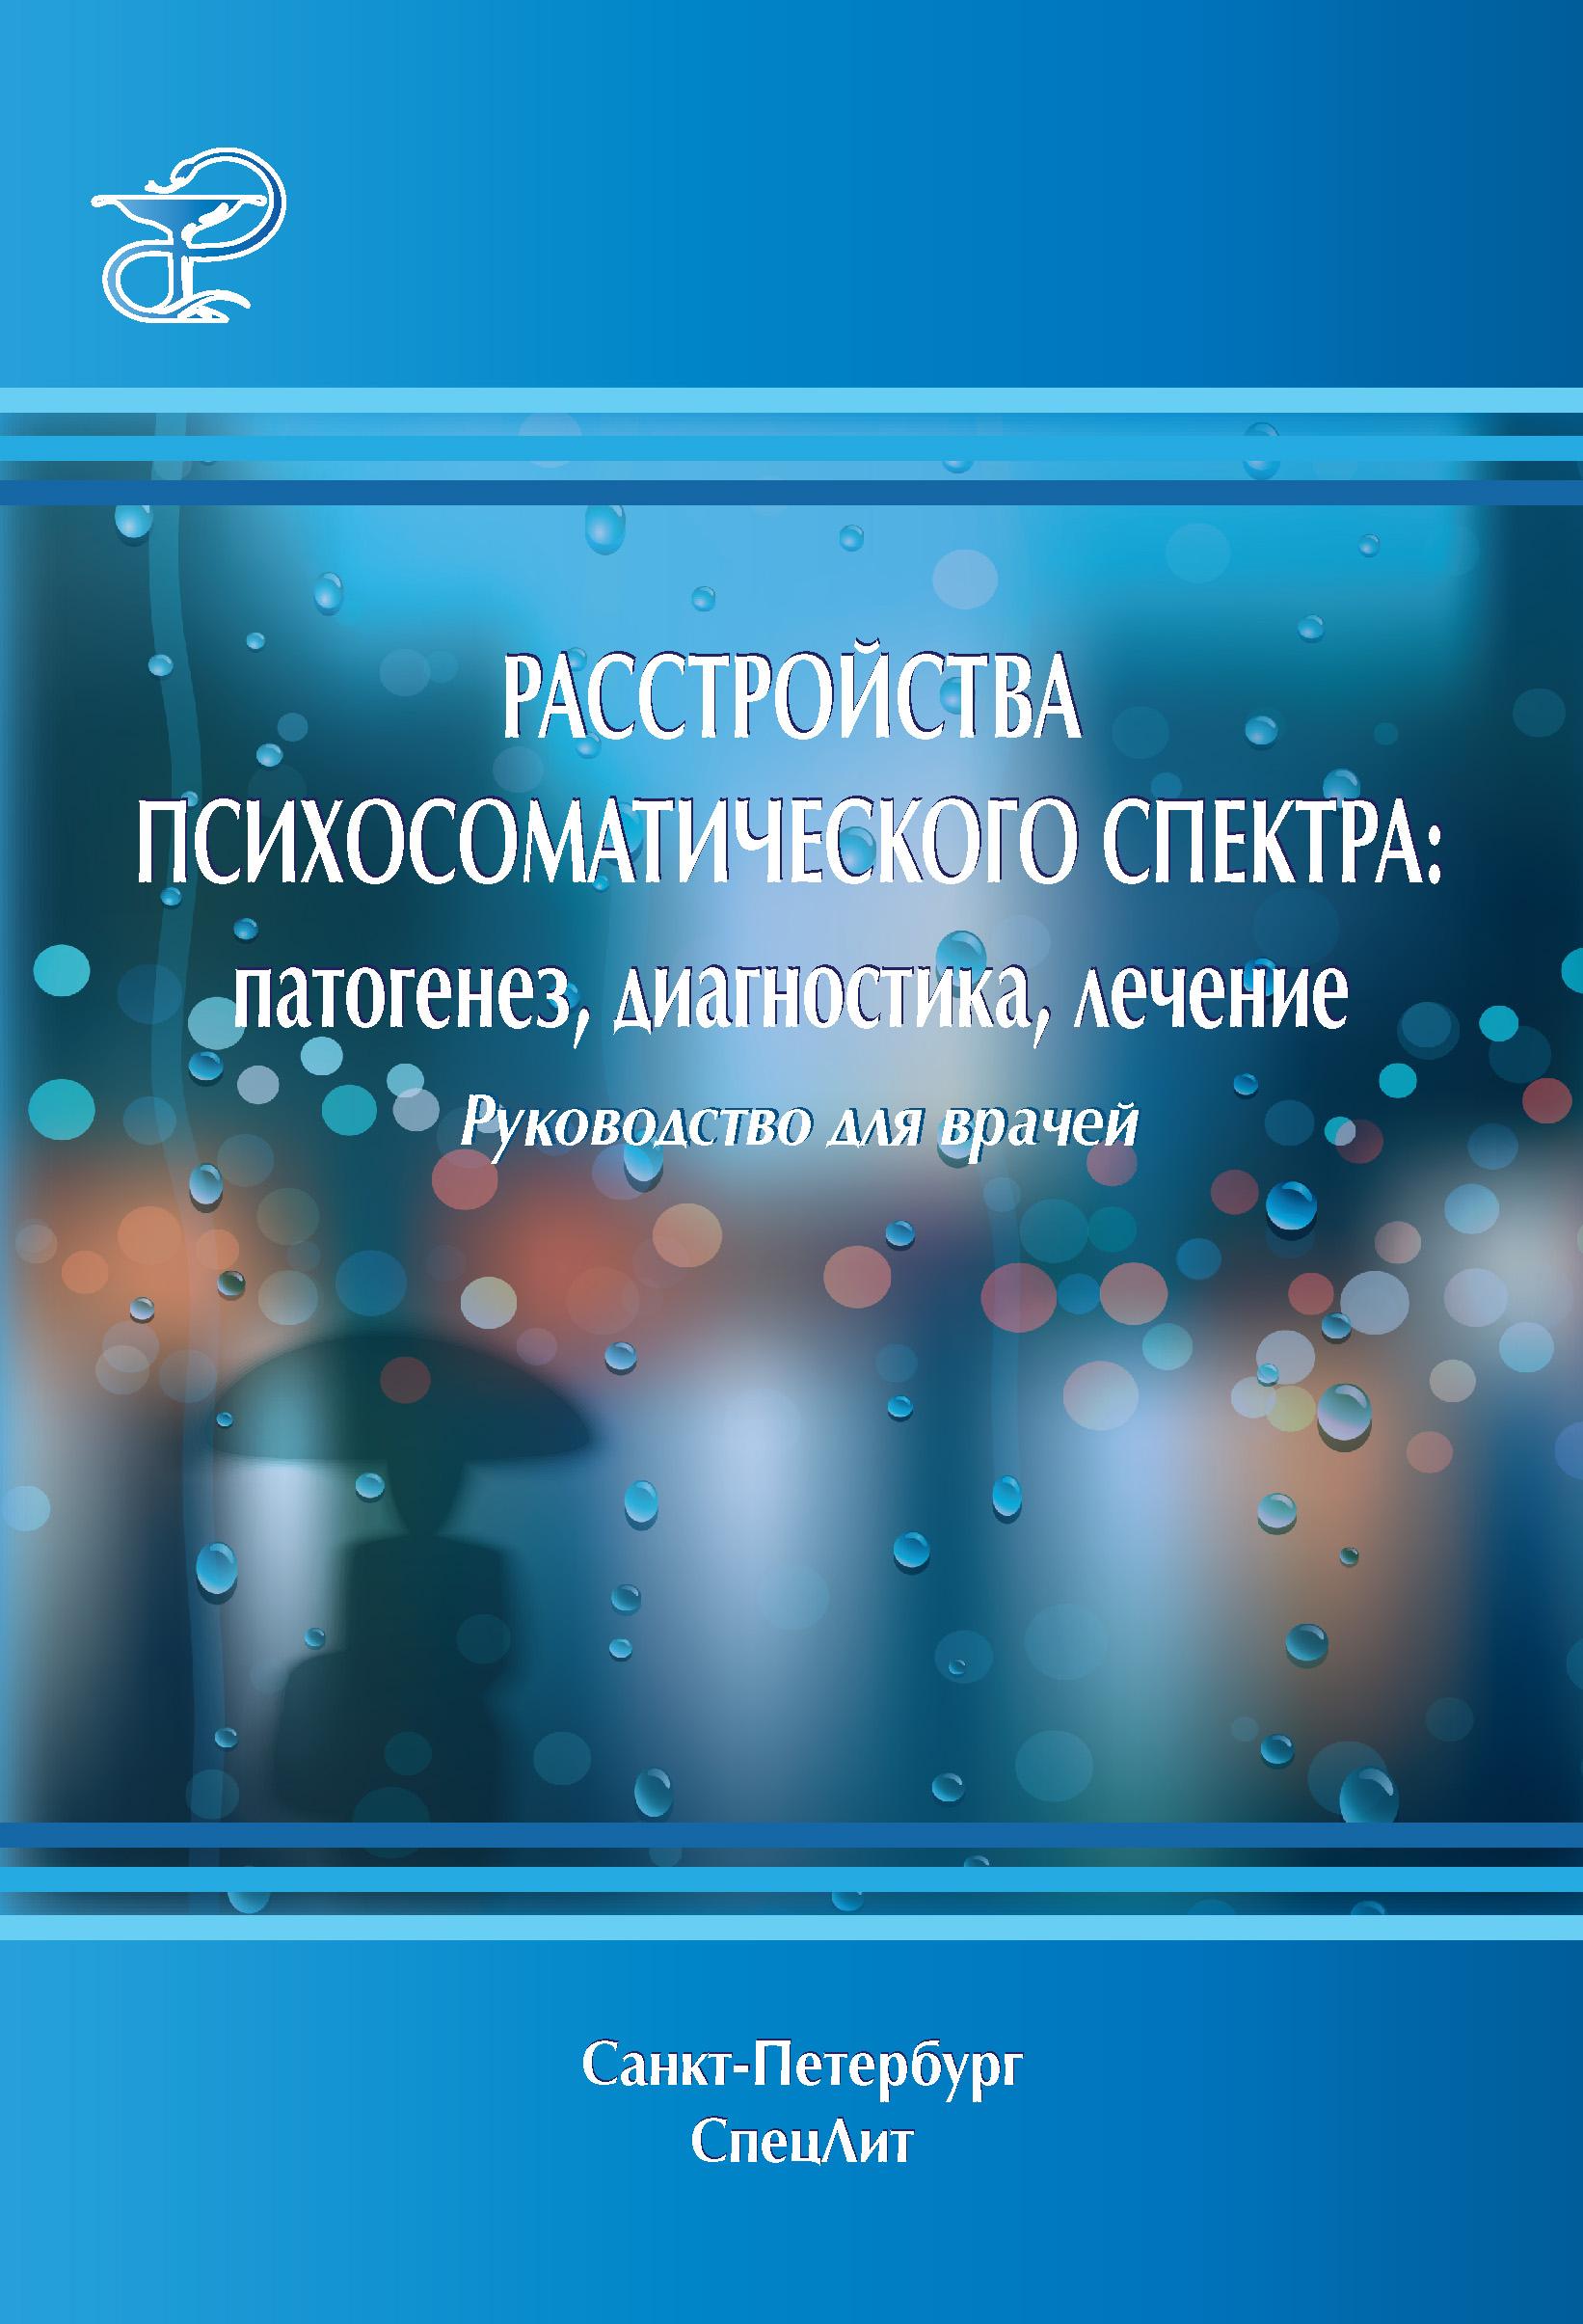 Коллектив авторов Расстройства психосоматического спектра: патогенез, диагностика, лечение. Руководство для врачей эффективная терапия посттравматического стрессового расстройства